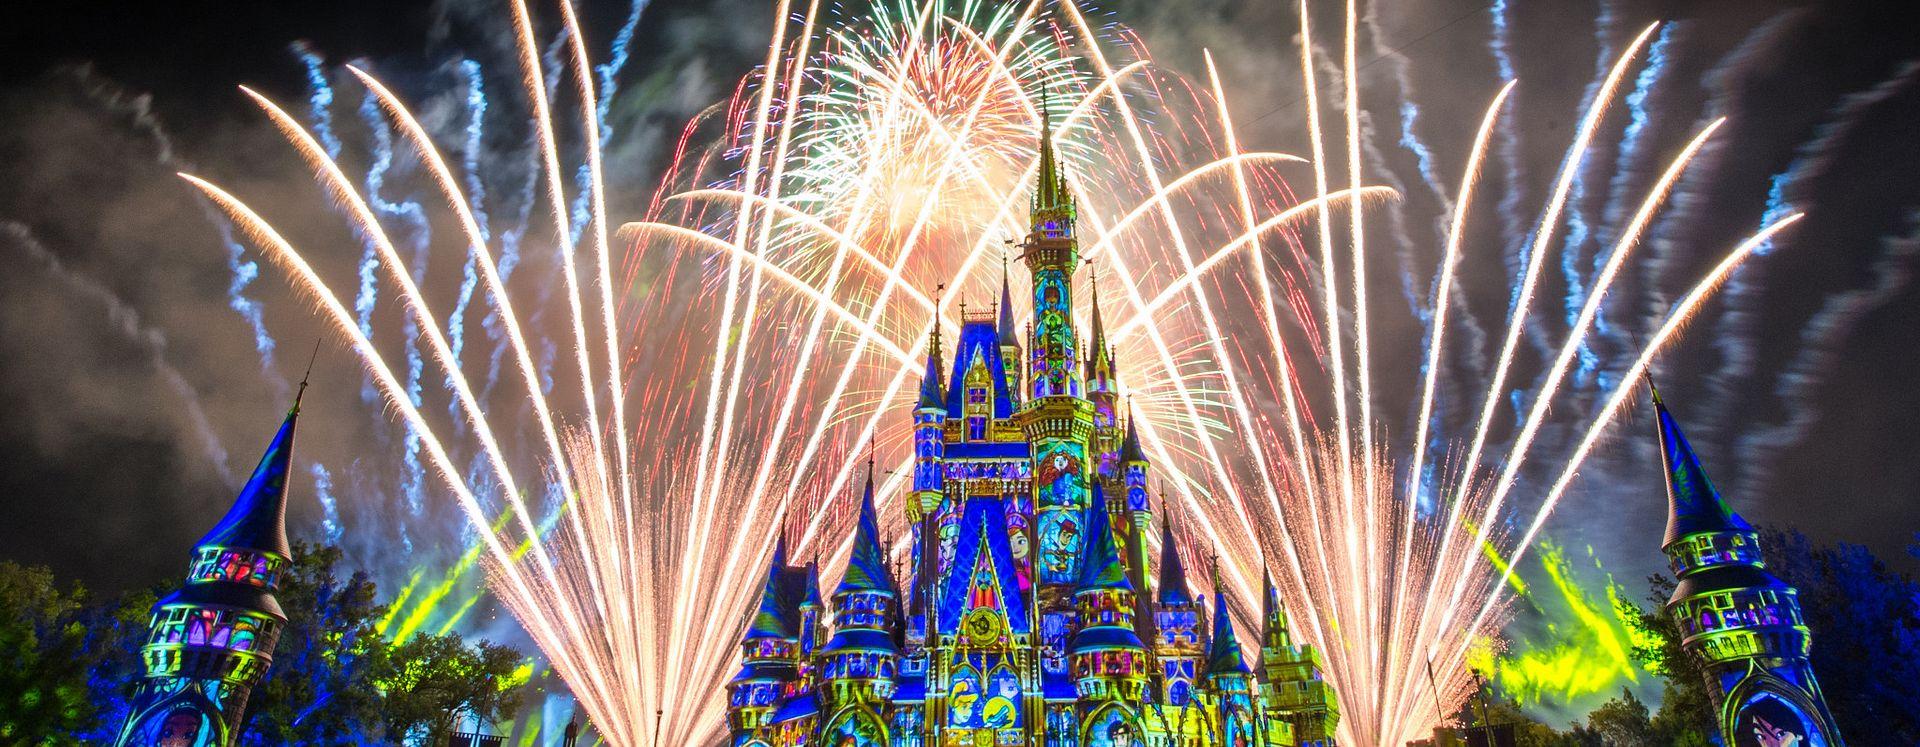 Fuegos artificales en Magic Kingdom Theme park